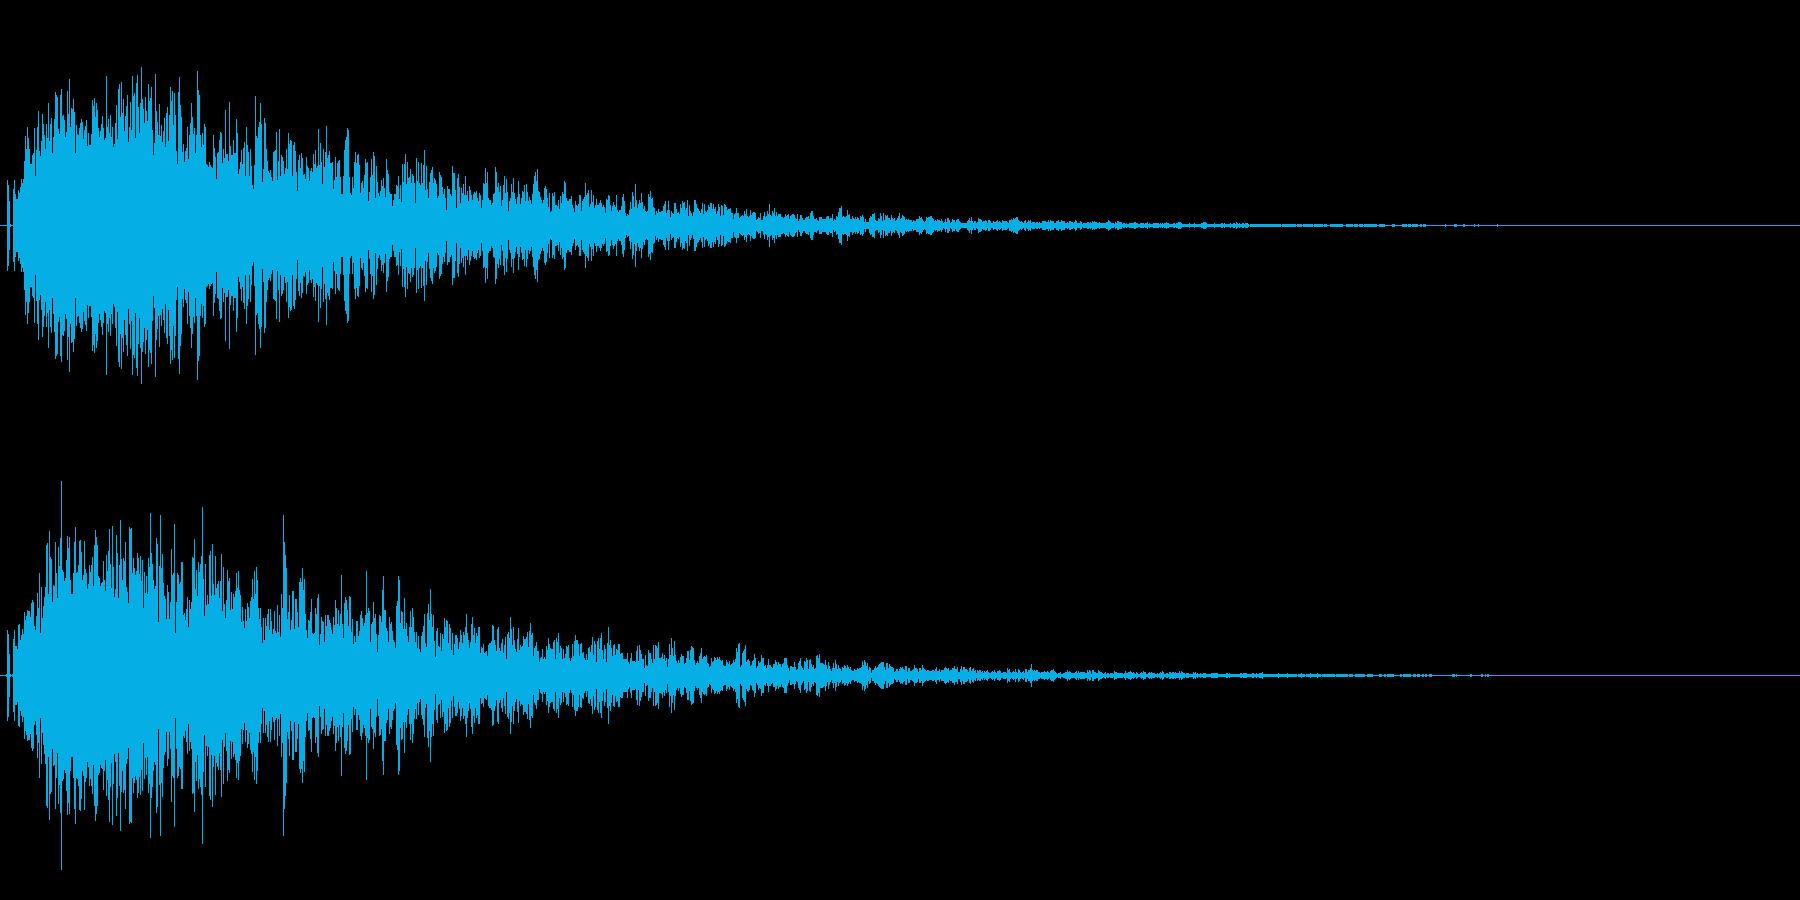 シャキーン!残響のあるインパクトに最適!の再生済みの波形